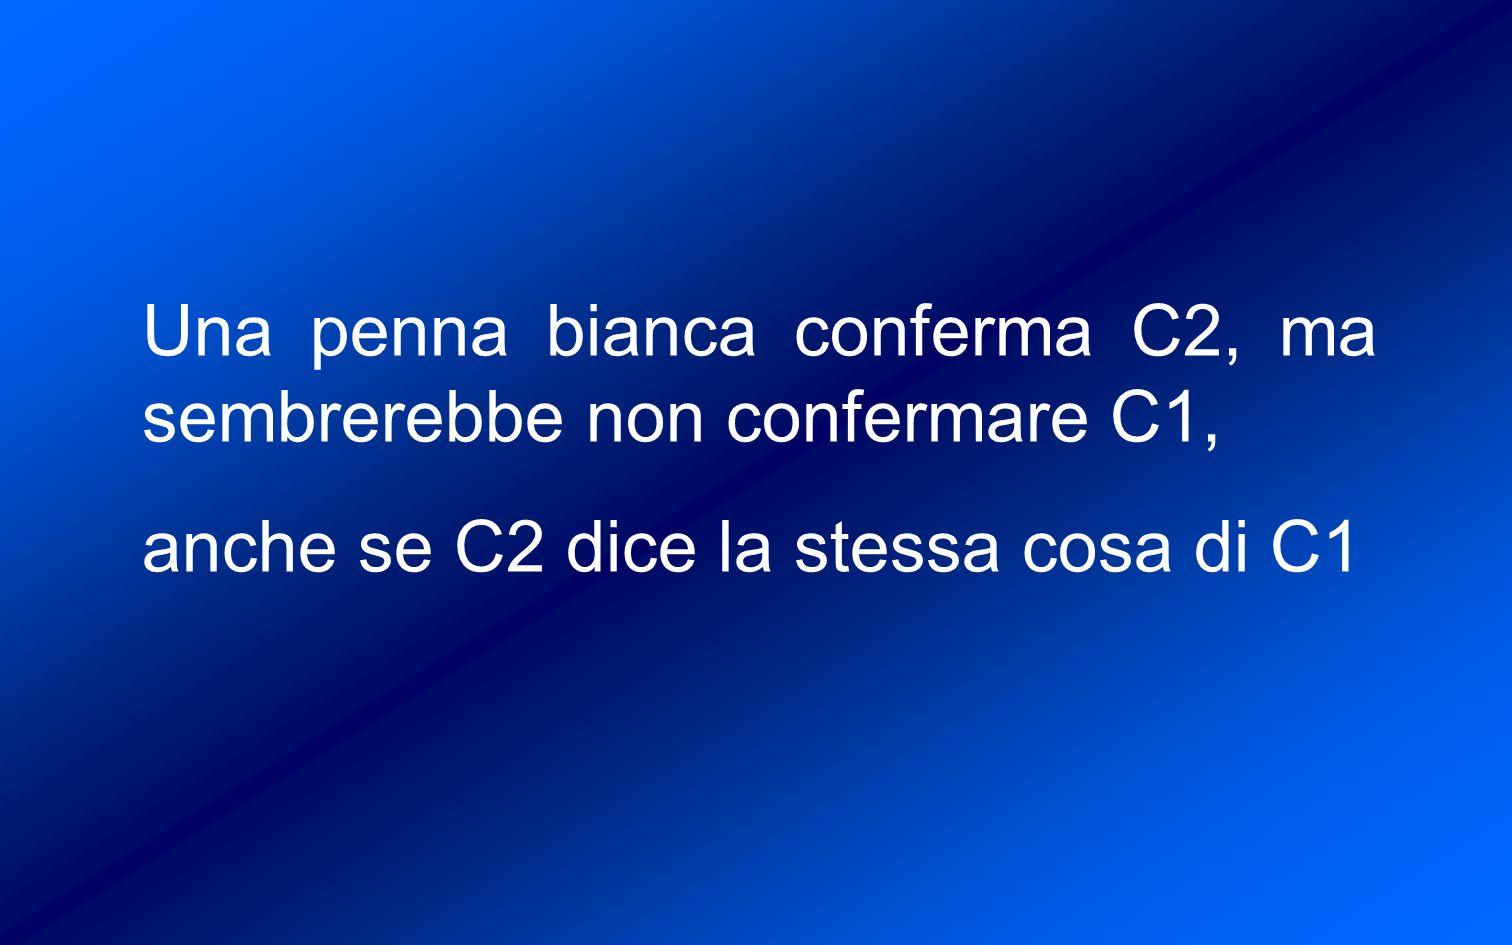 Una penna bianca conferma C2, ma sembrerebbe non confermare C1,